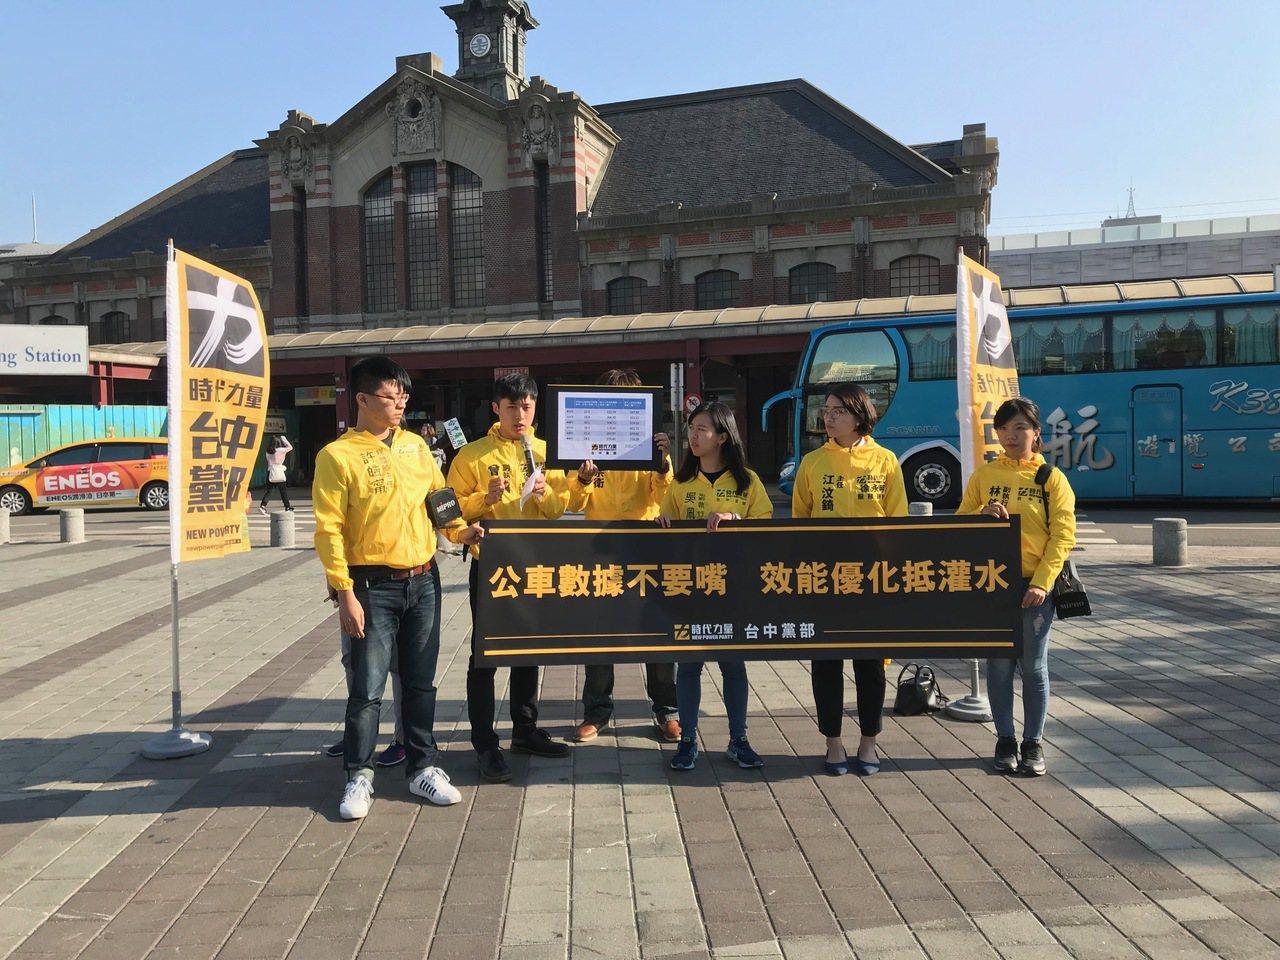 時代力量台中黨部召開記者會,批台中公車數據不要灌水。市府回應公車運量持續成長中。...